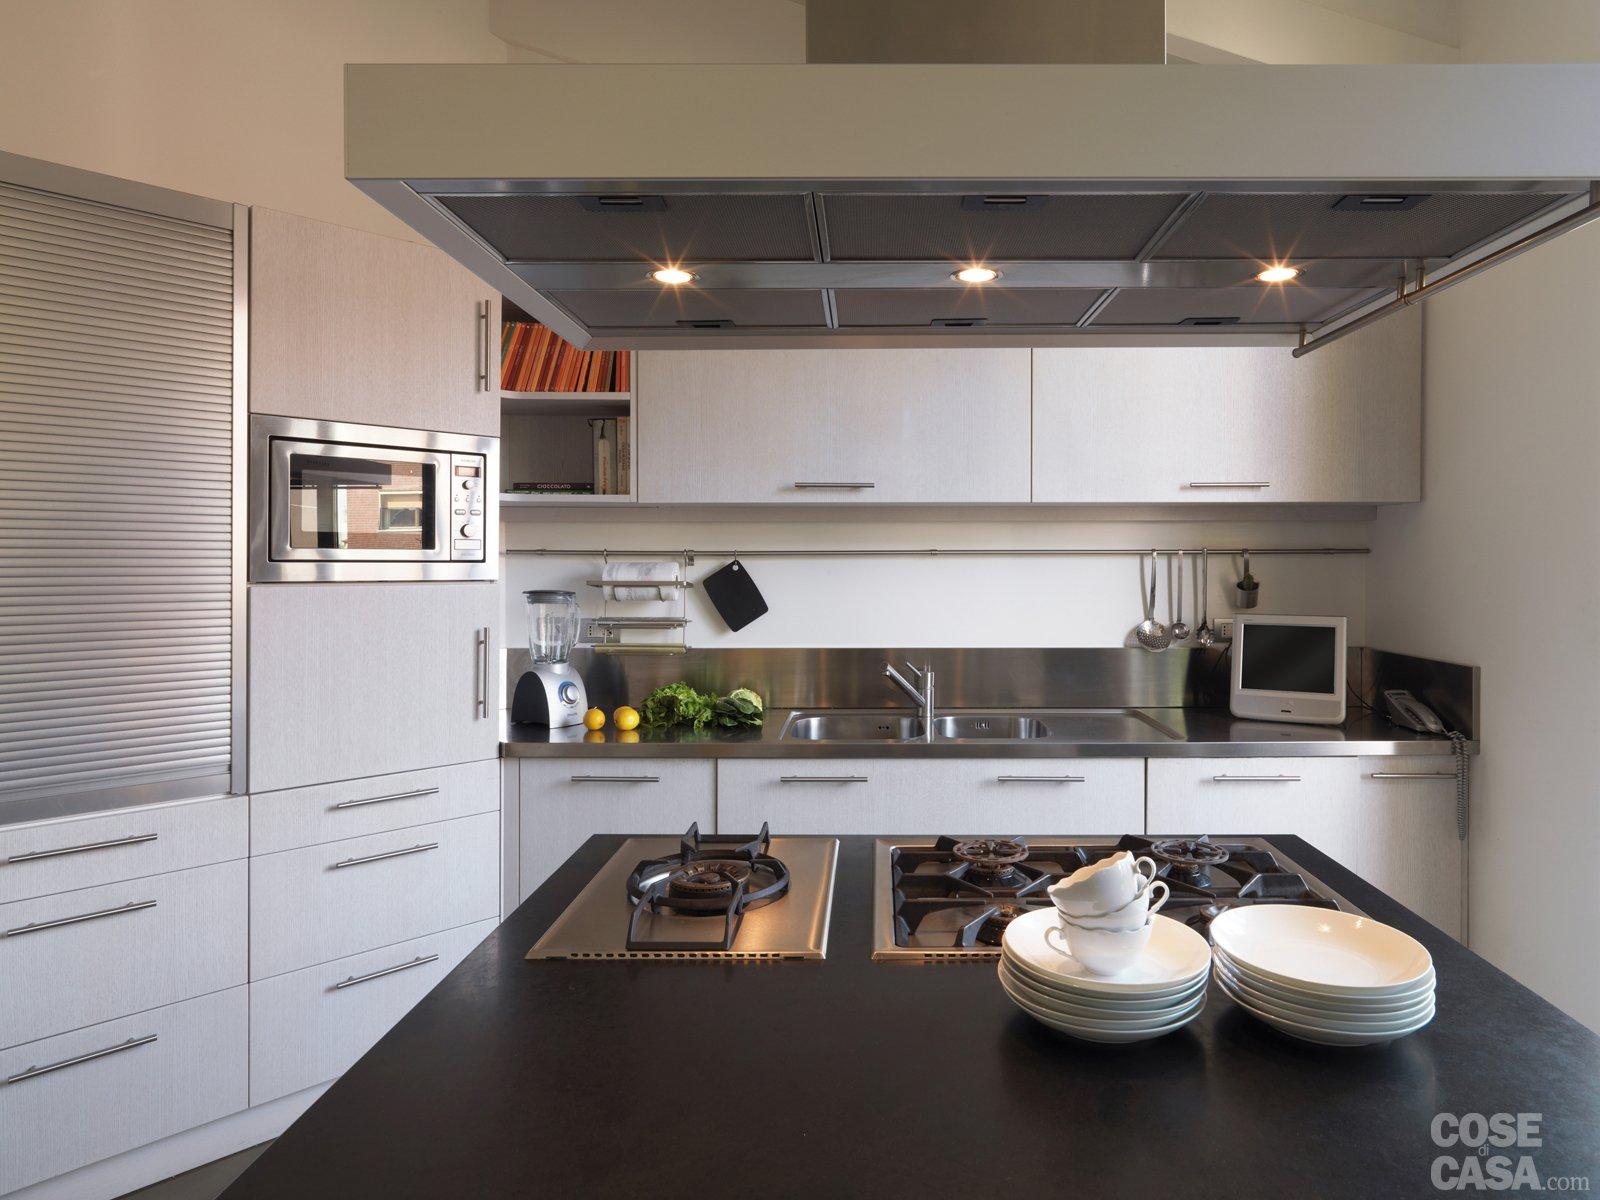 Pecchio Casaoneto Cucina1 #7E634D 1600 1200 Come Arredare Cucina Con Travi A Vista